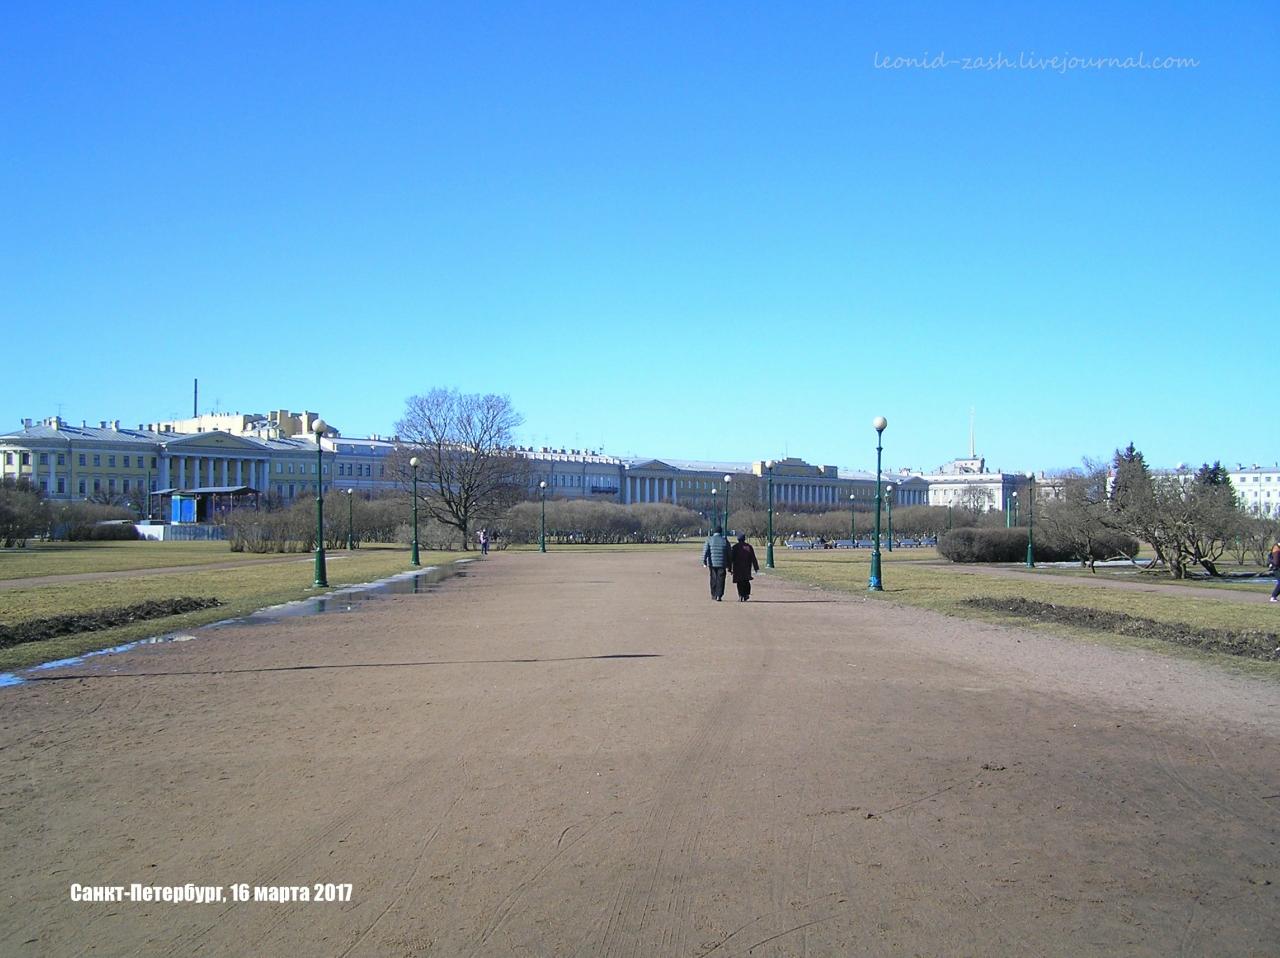 Санкт-Петербург 09.JPG